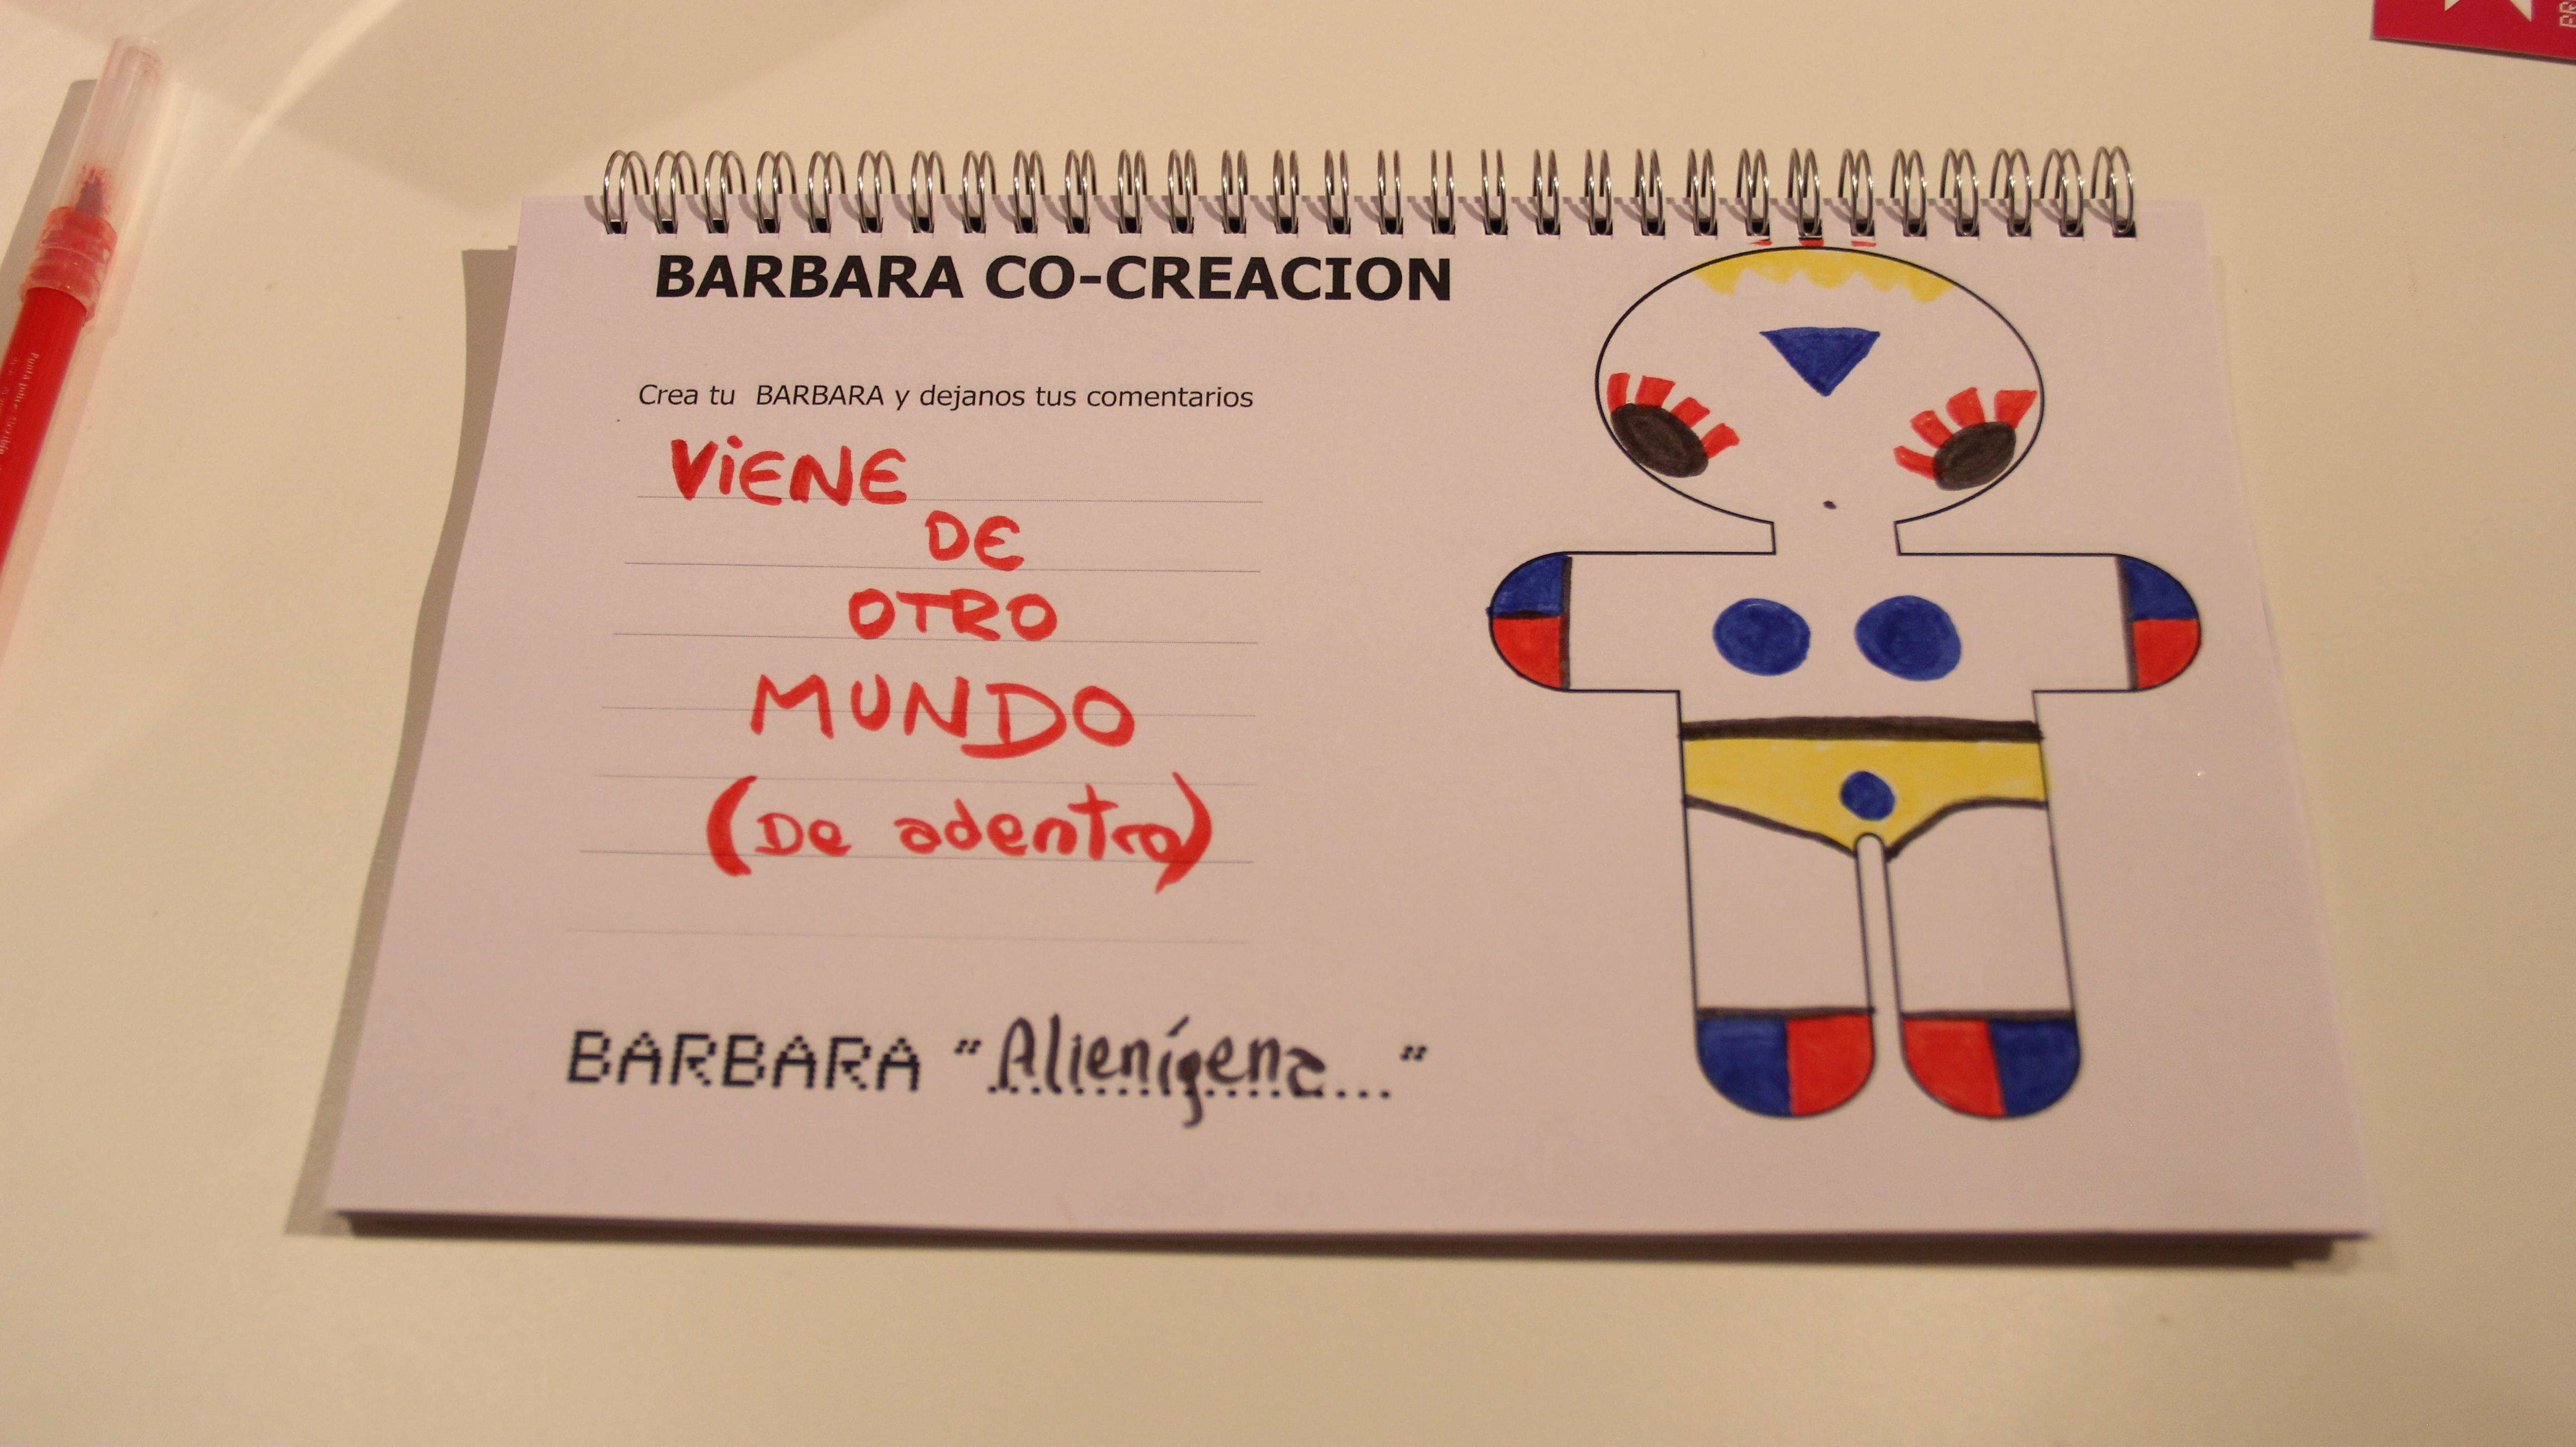 Barbara Alienigena